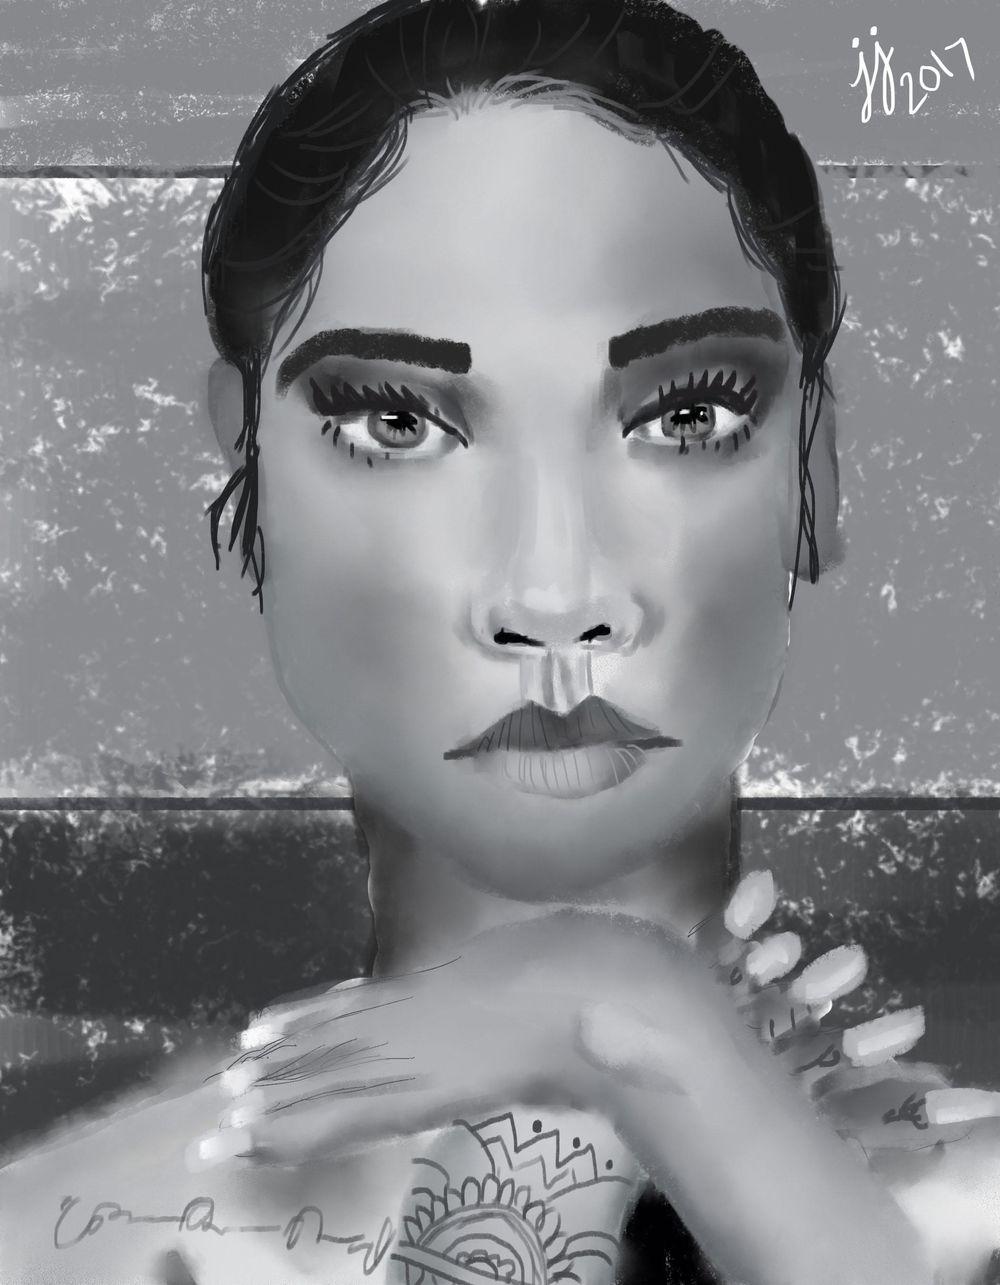 Digital Portrait - image 2 - student project